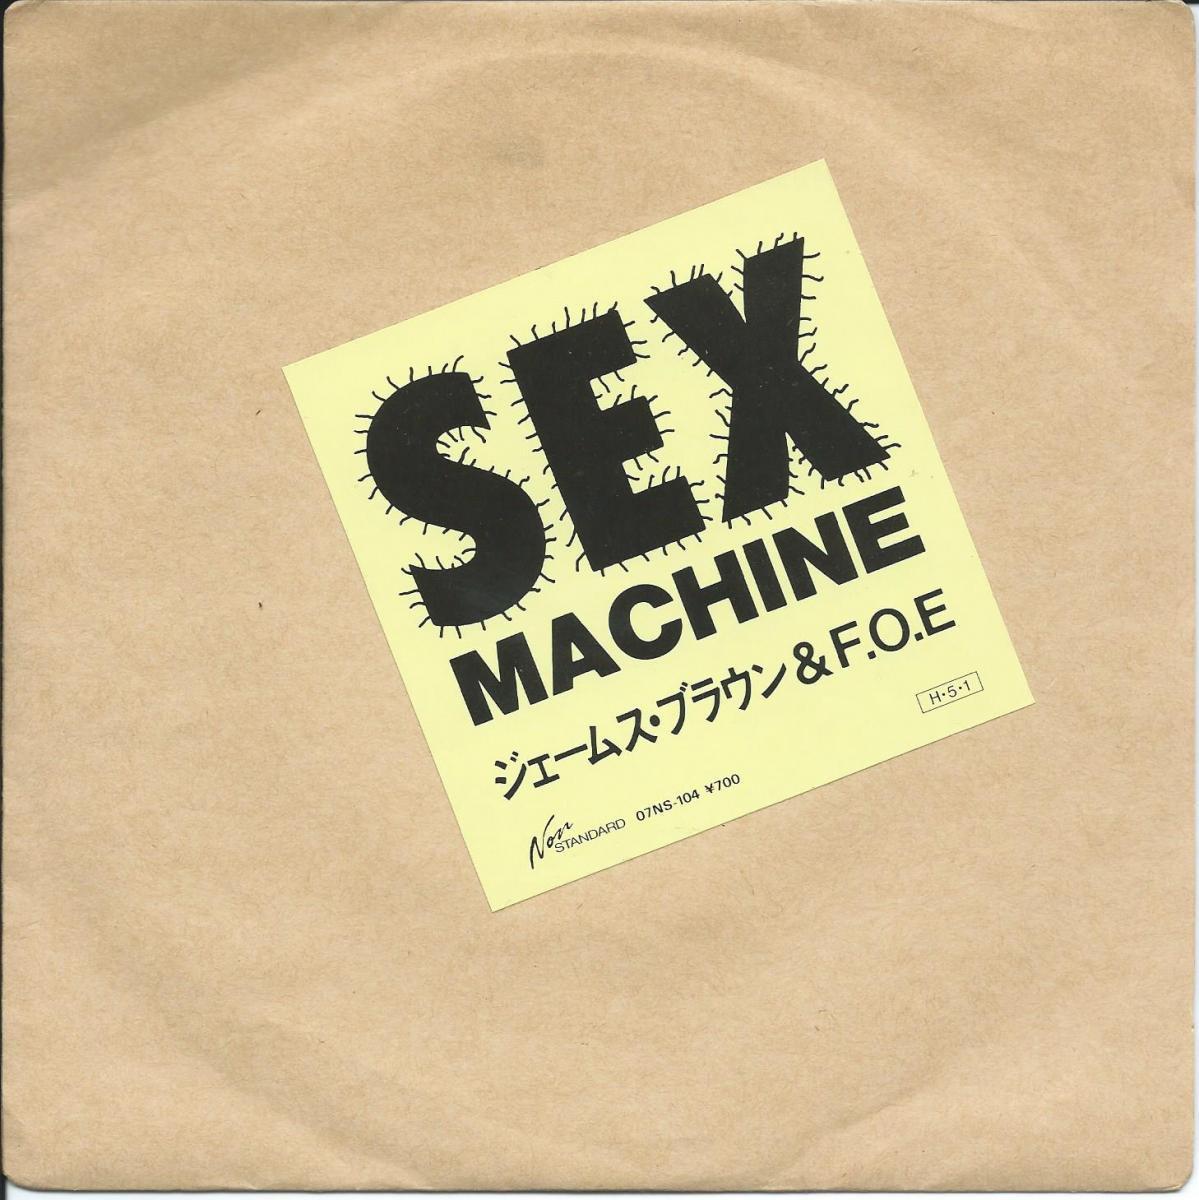 ジェームス・ブラウン & F.O.E / セックス・マシーン SEX MACHINE (PROD BY 細野晴臣) (7